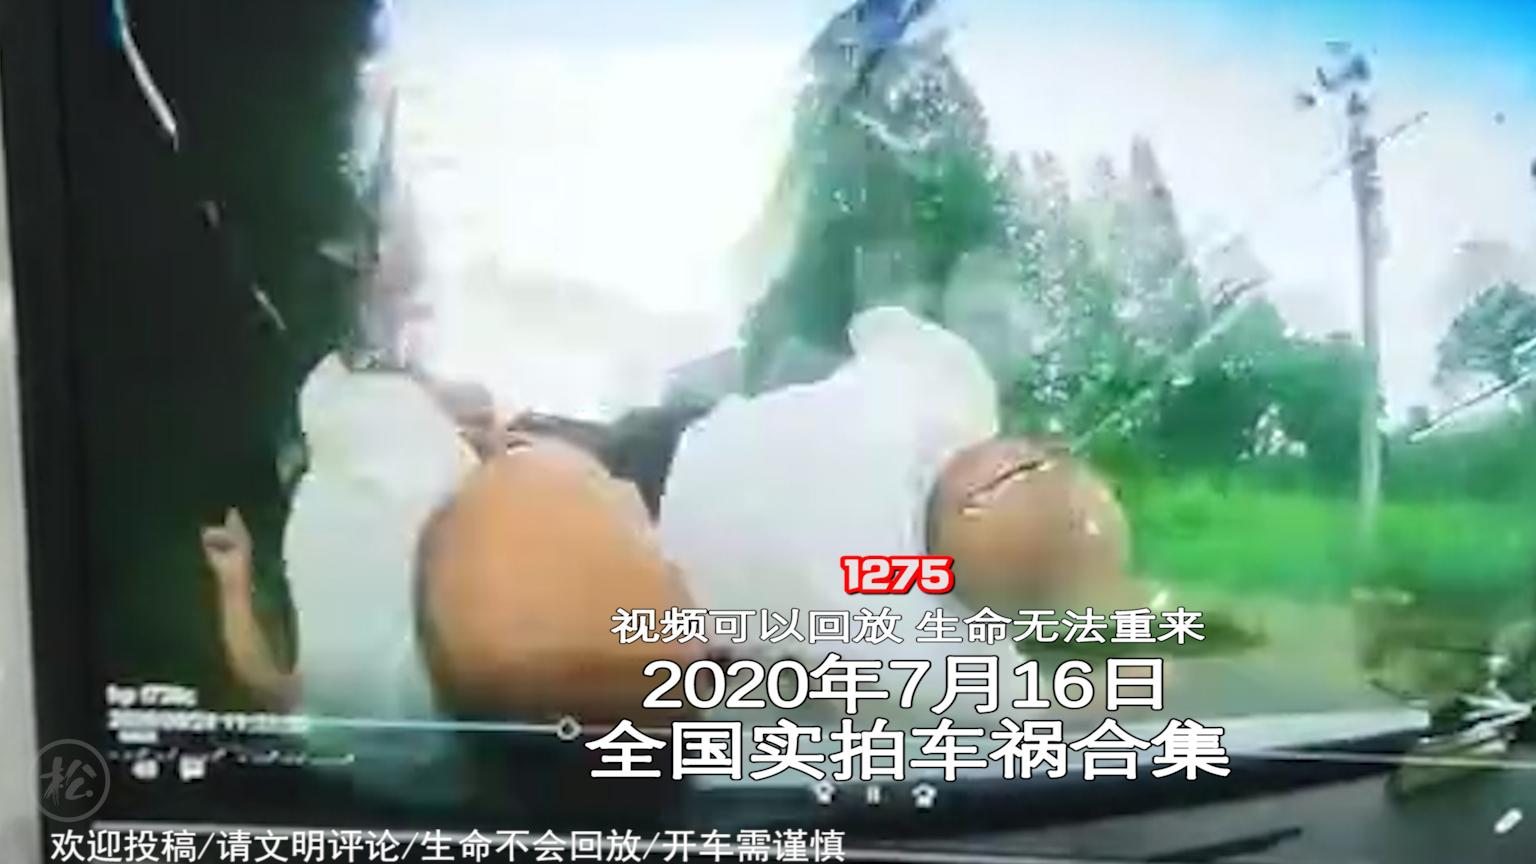 1275期:警车停在路口,被酒驾小车撞上【20200716全国车祸合集】